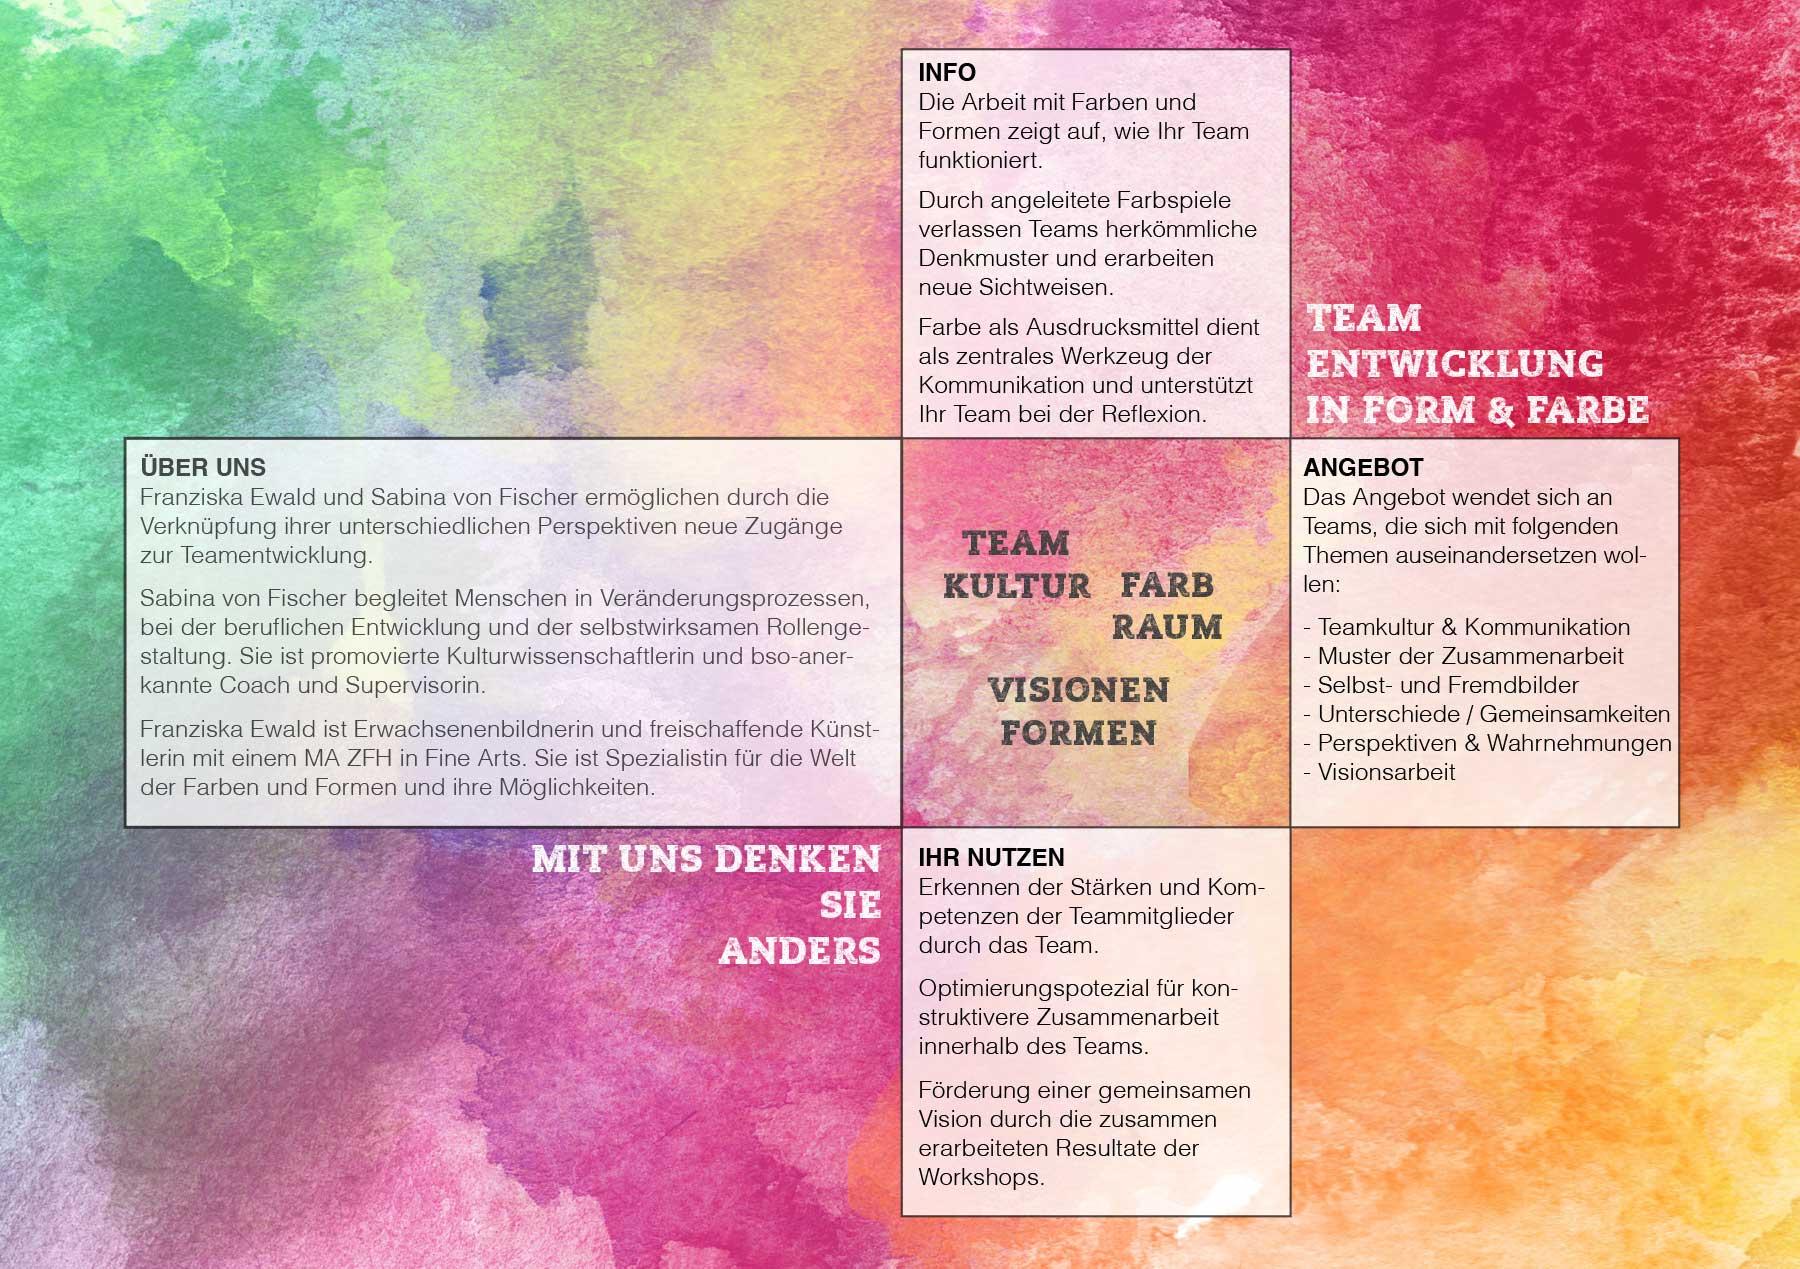 Flyer / Faltwürfel – Teamentwicklung in Form & Farbe